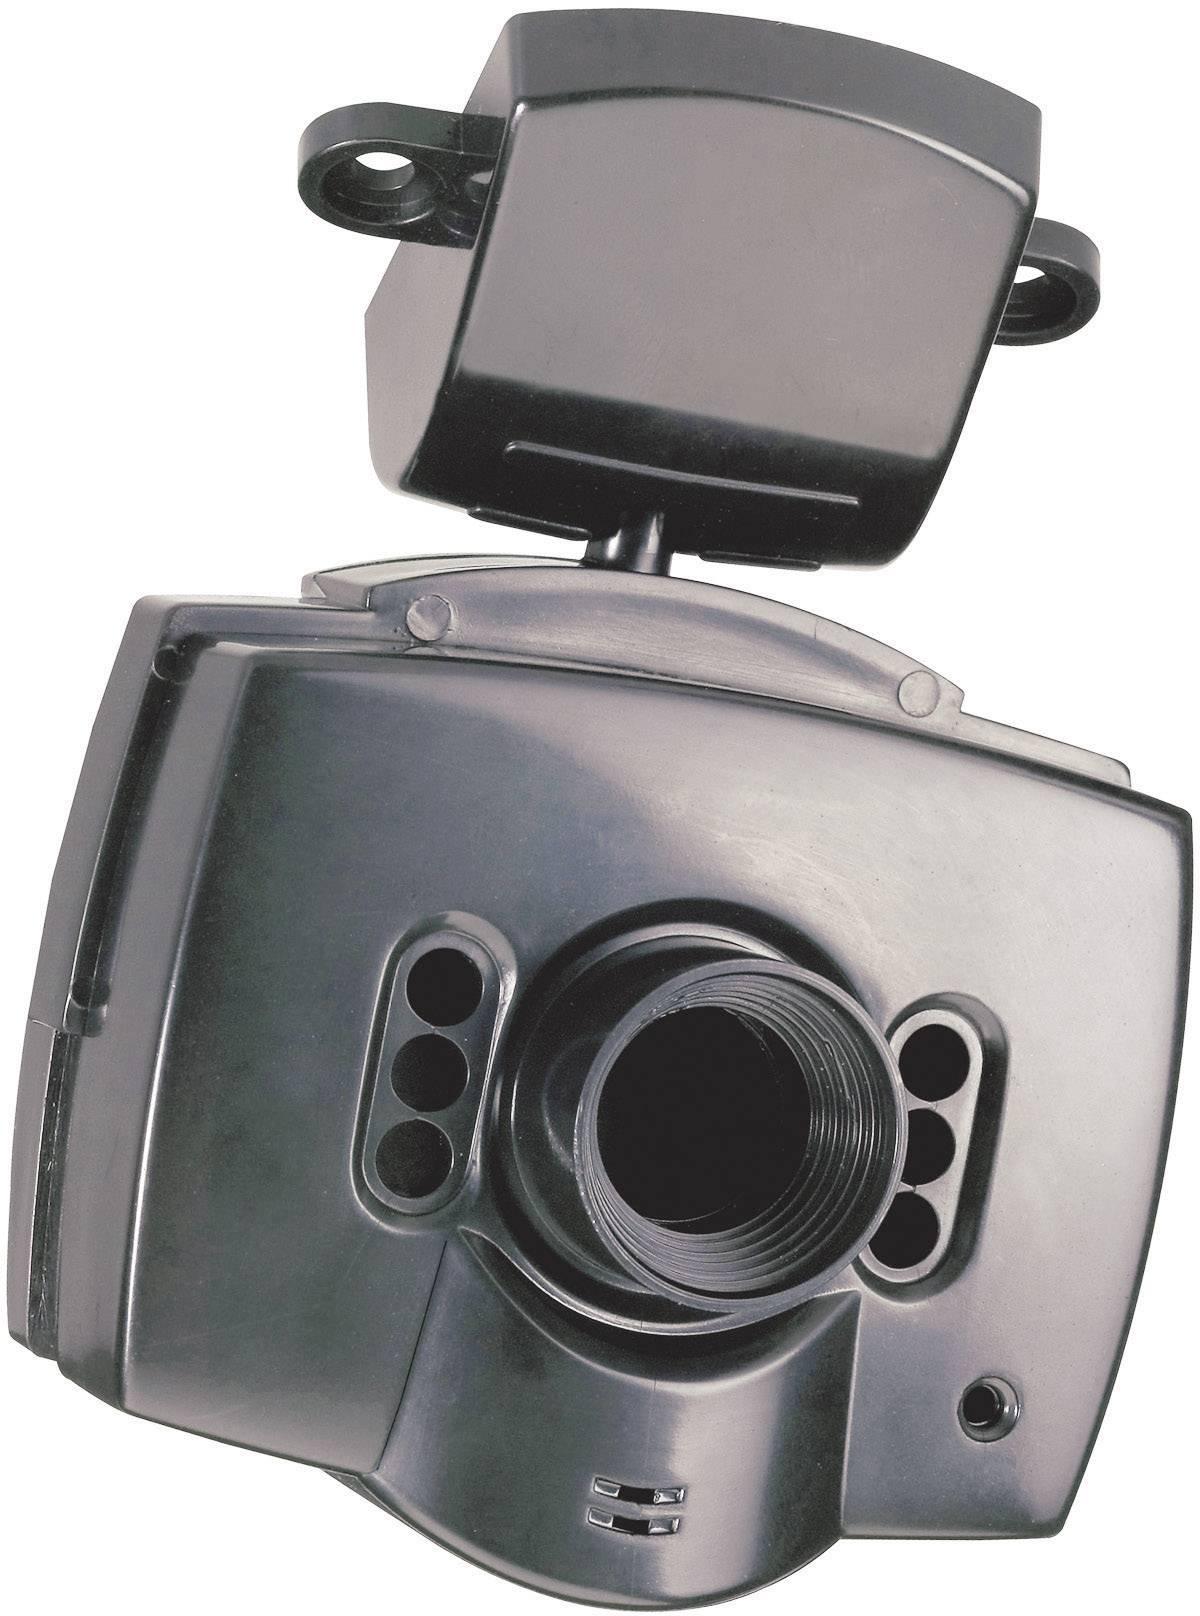 Plastové pouzdro pro IC kamery .